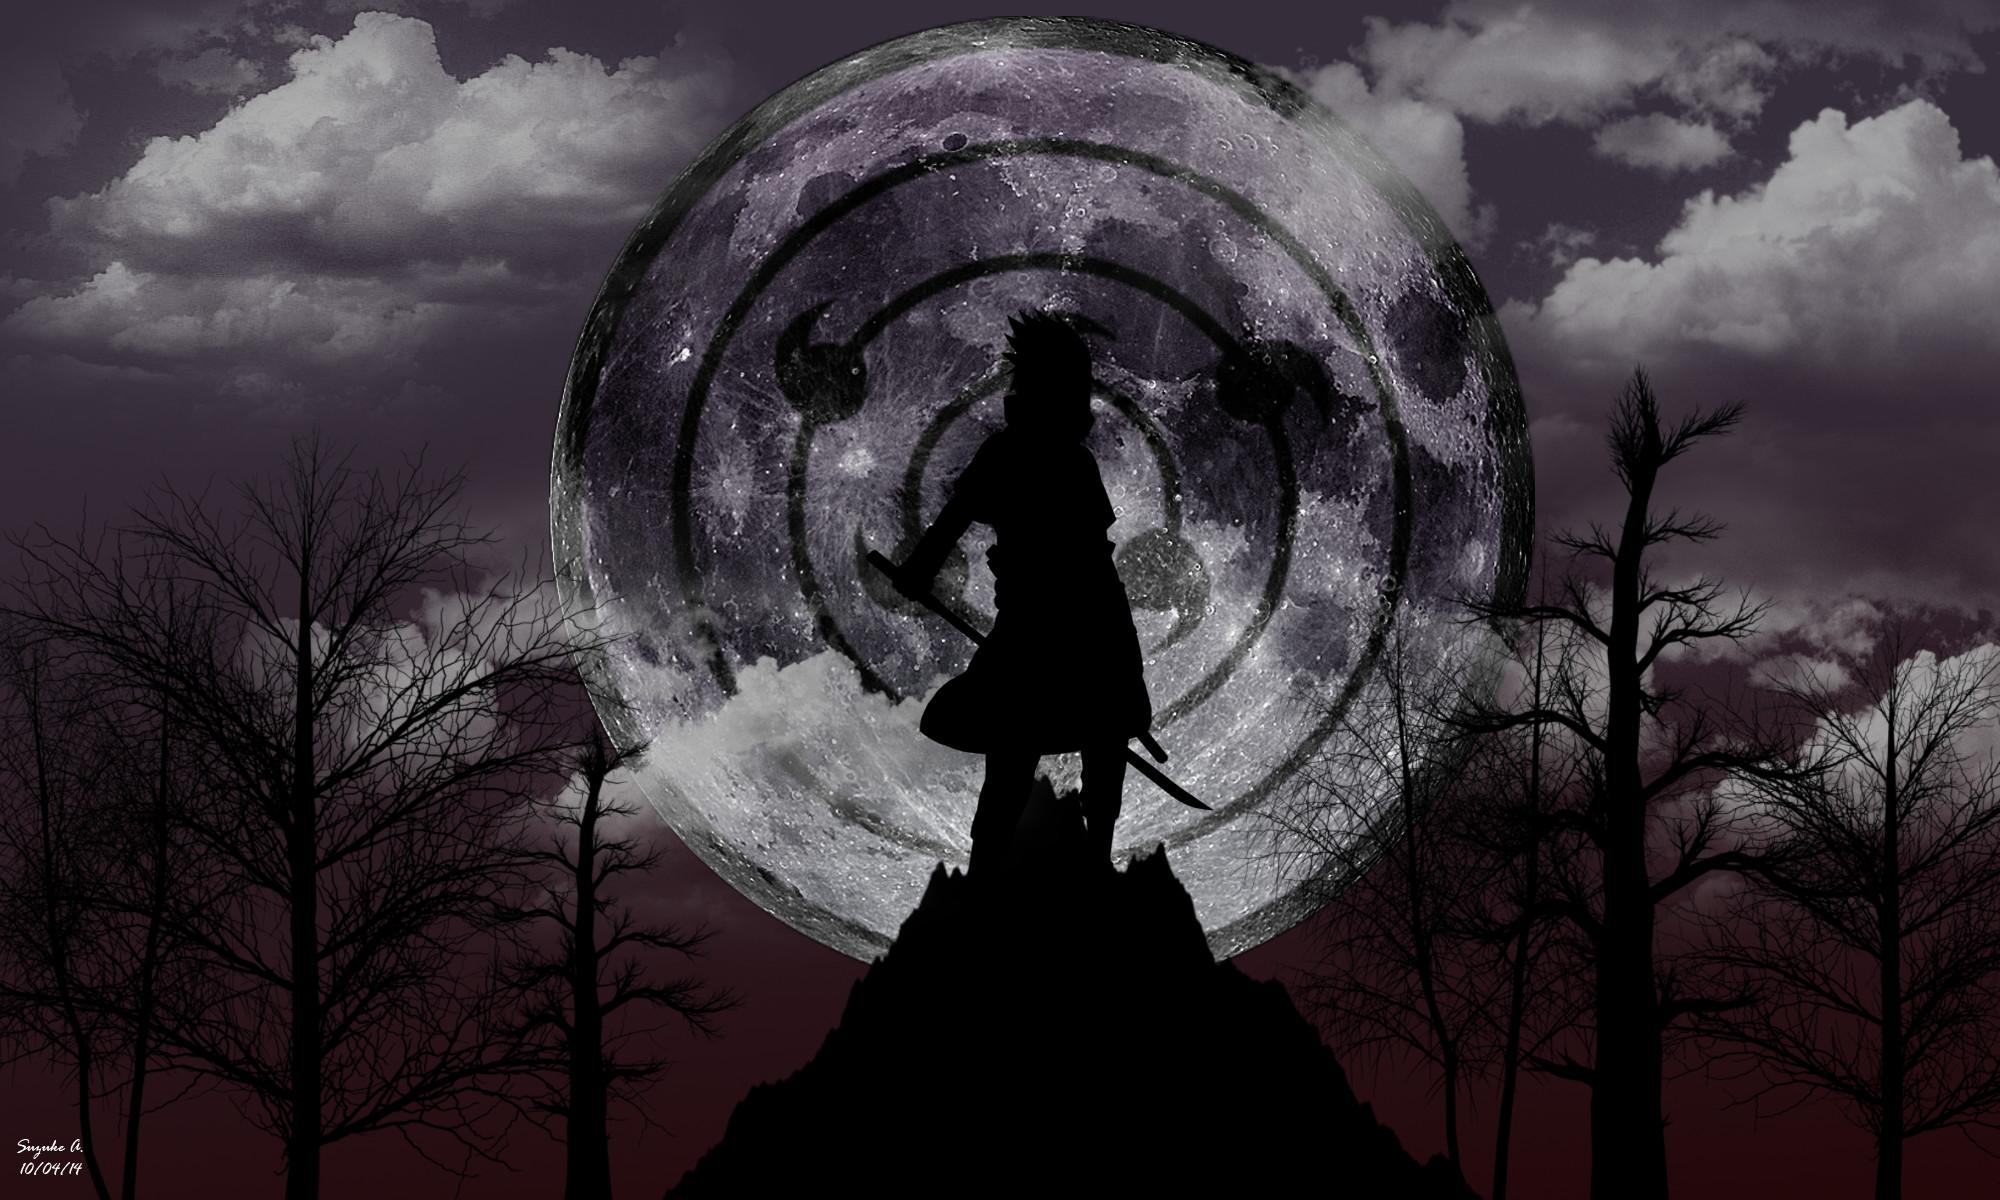 … Sasuke Uchiha Rinnegan [Moon Eye] Wallpaper by SuzukeAmaterasu